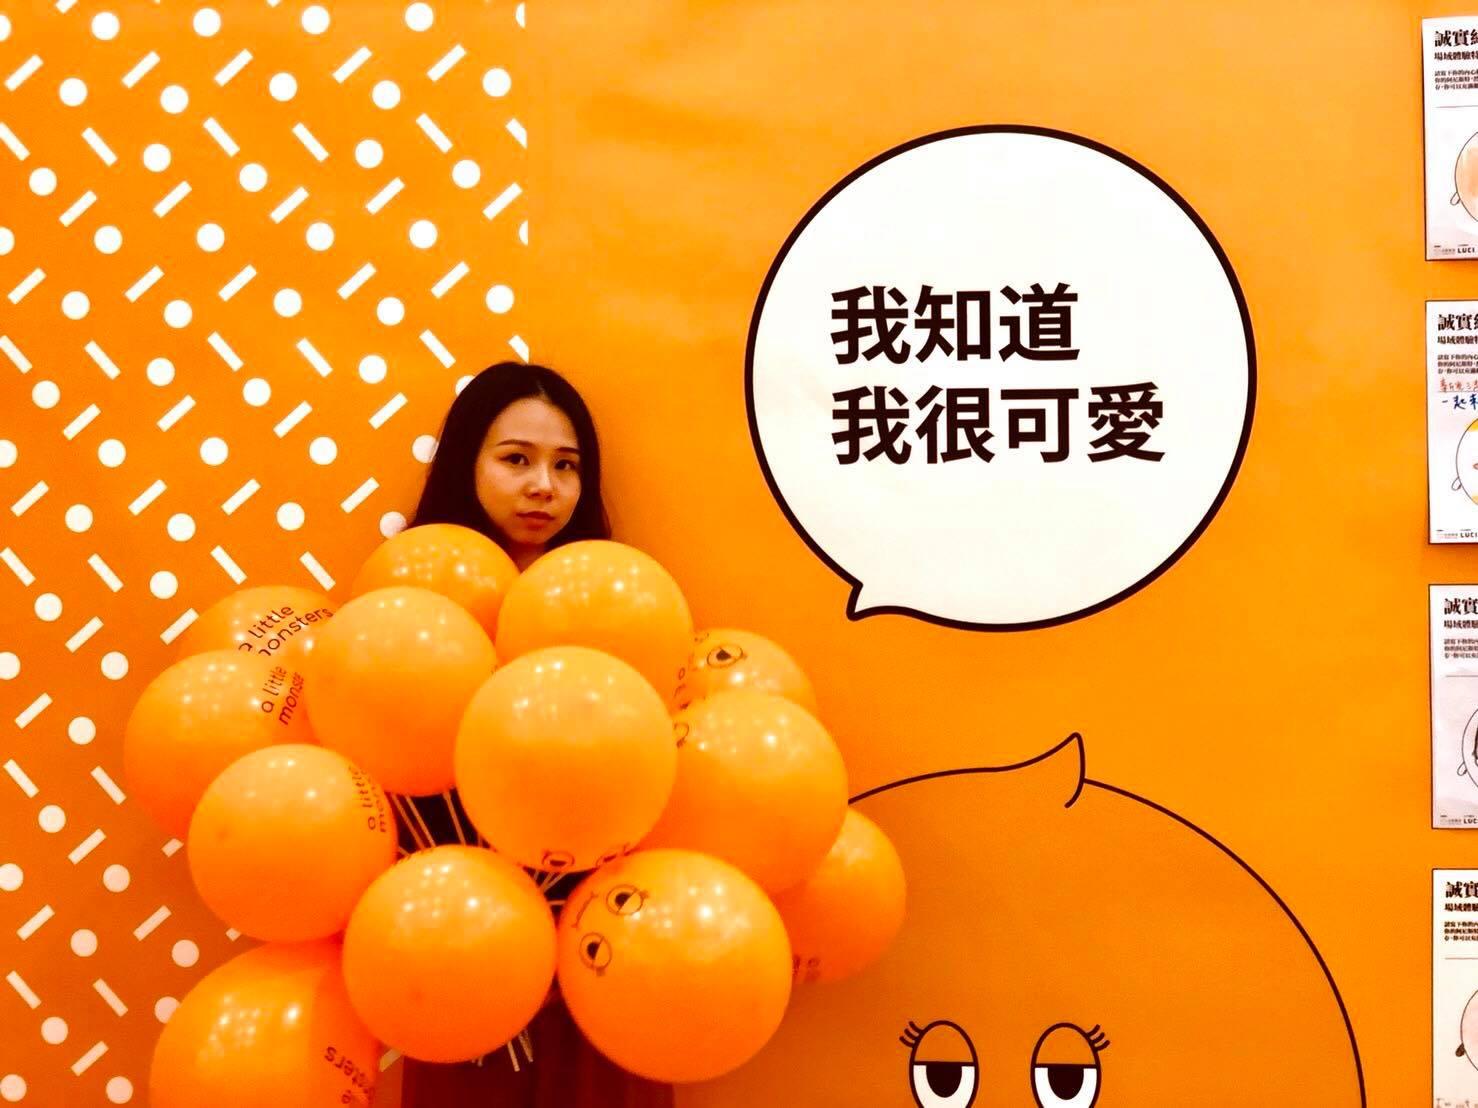 人生好难!厌世少女快奔向「诚实君阿尼斯特」的暖橘怀里!短暂逃避现实世界吧